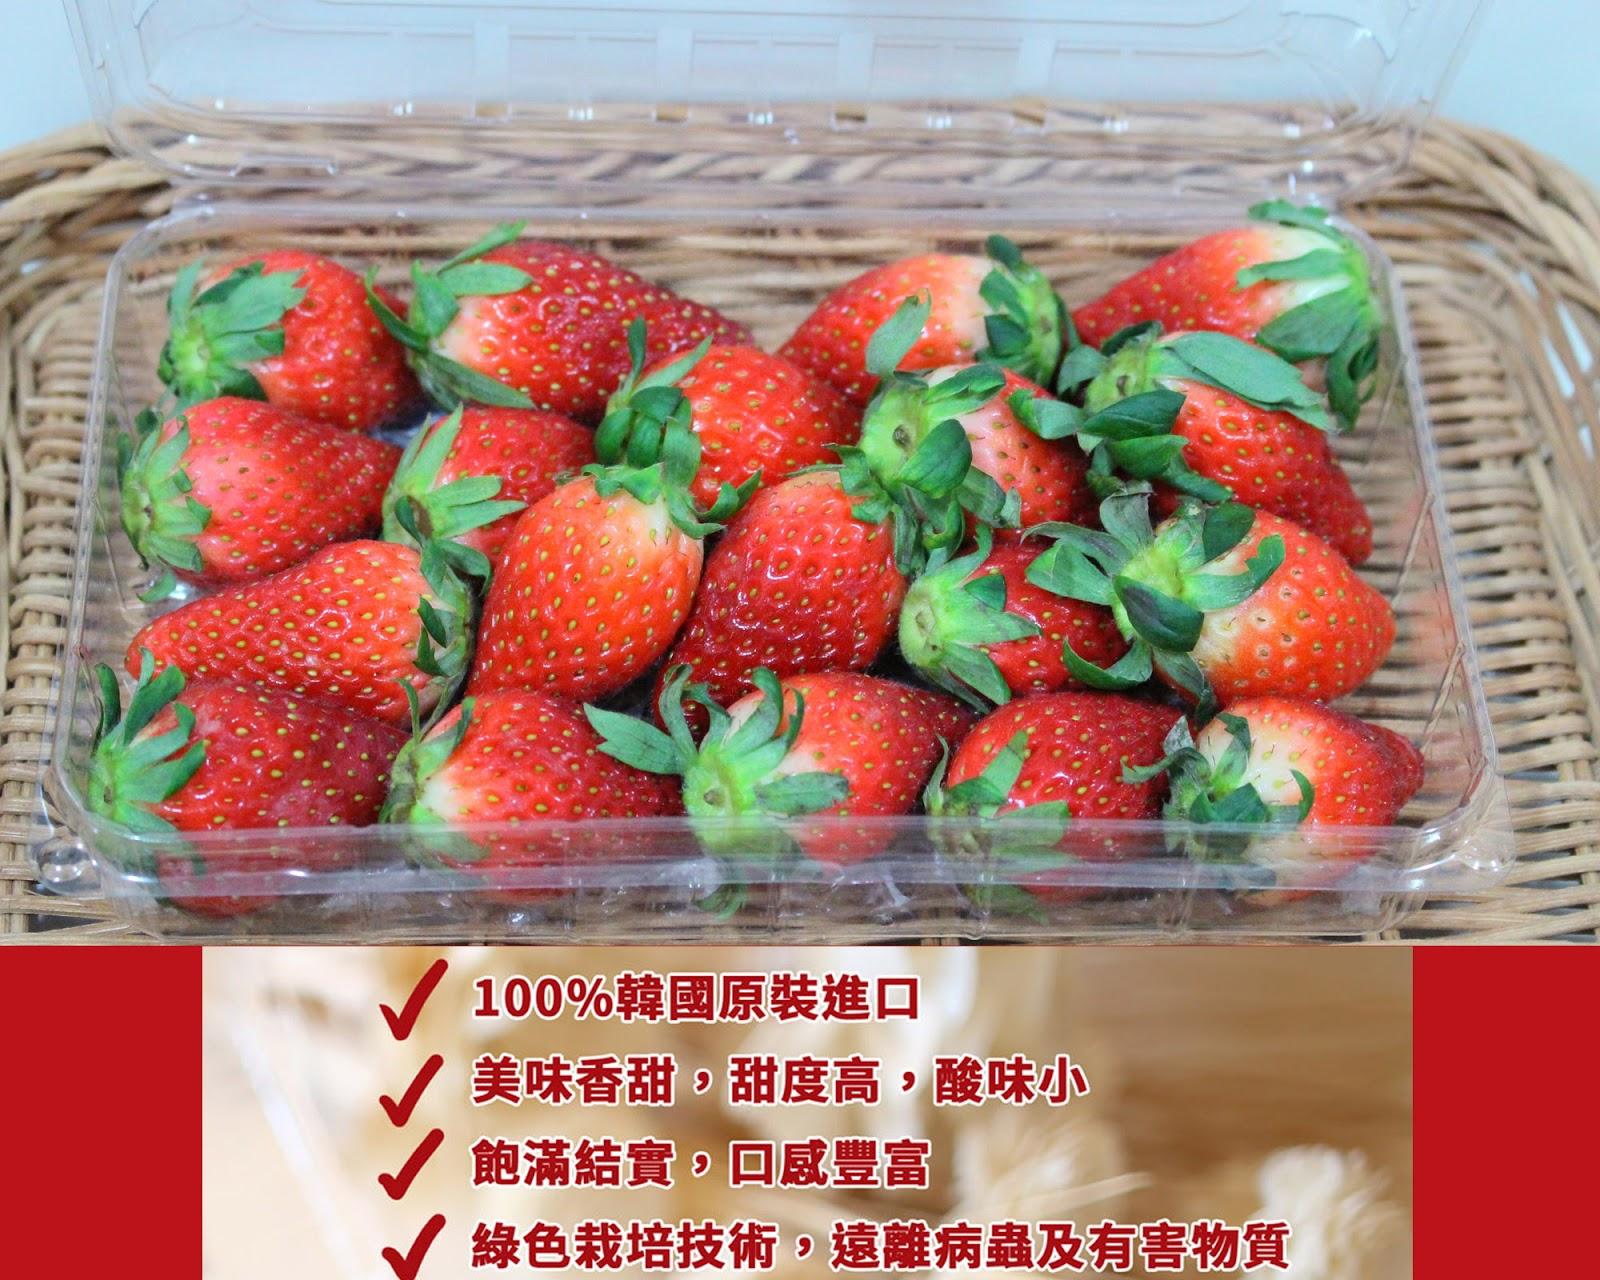 【韓國水果】美味香甜的韓國 ILPrimo 韓國每香士多啤梨   小彤畫集 SiuTung – U Blog 博客